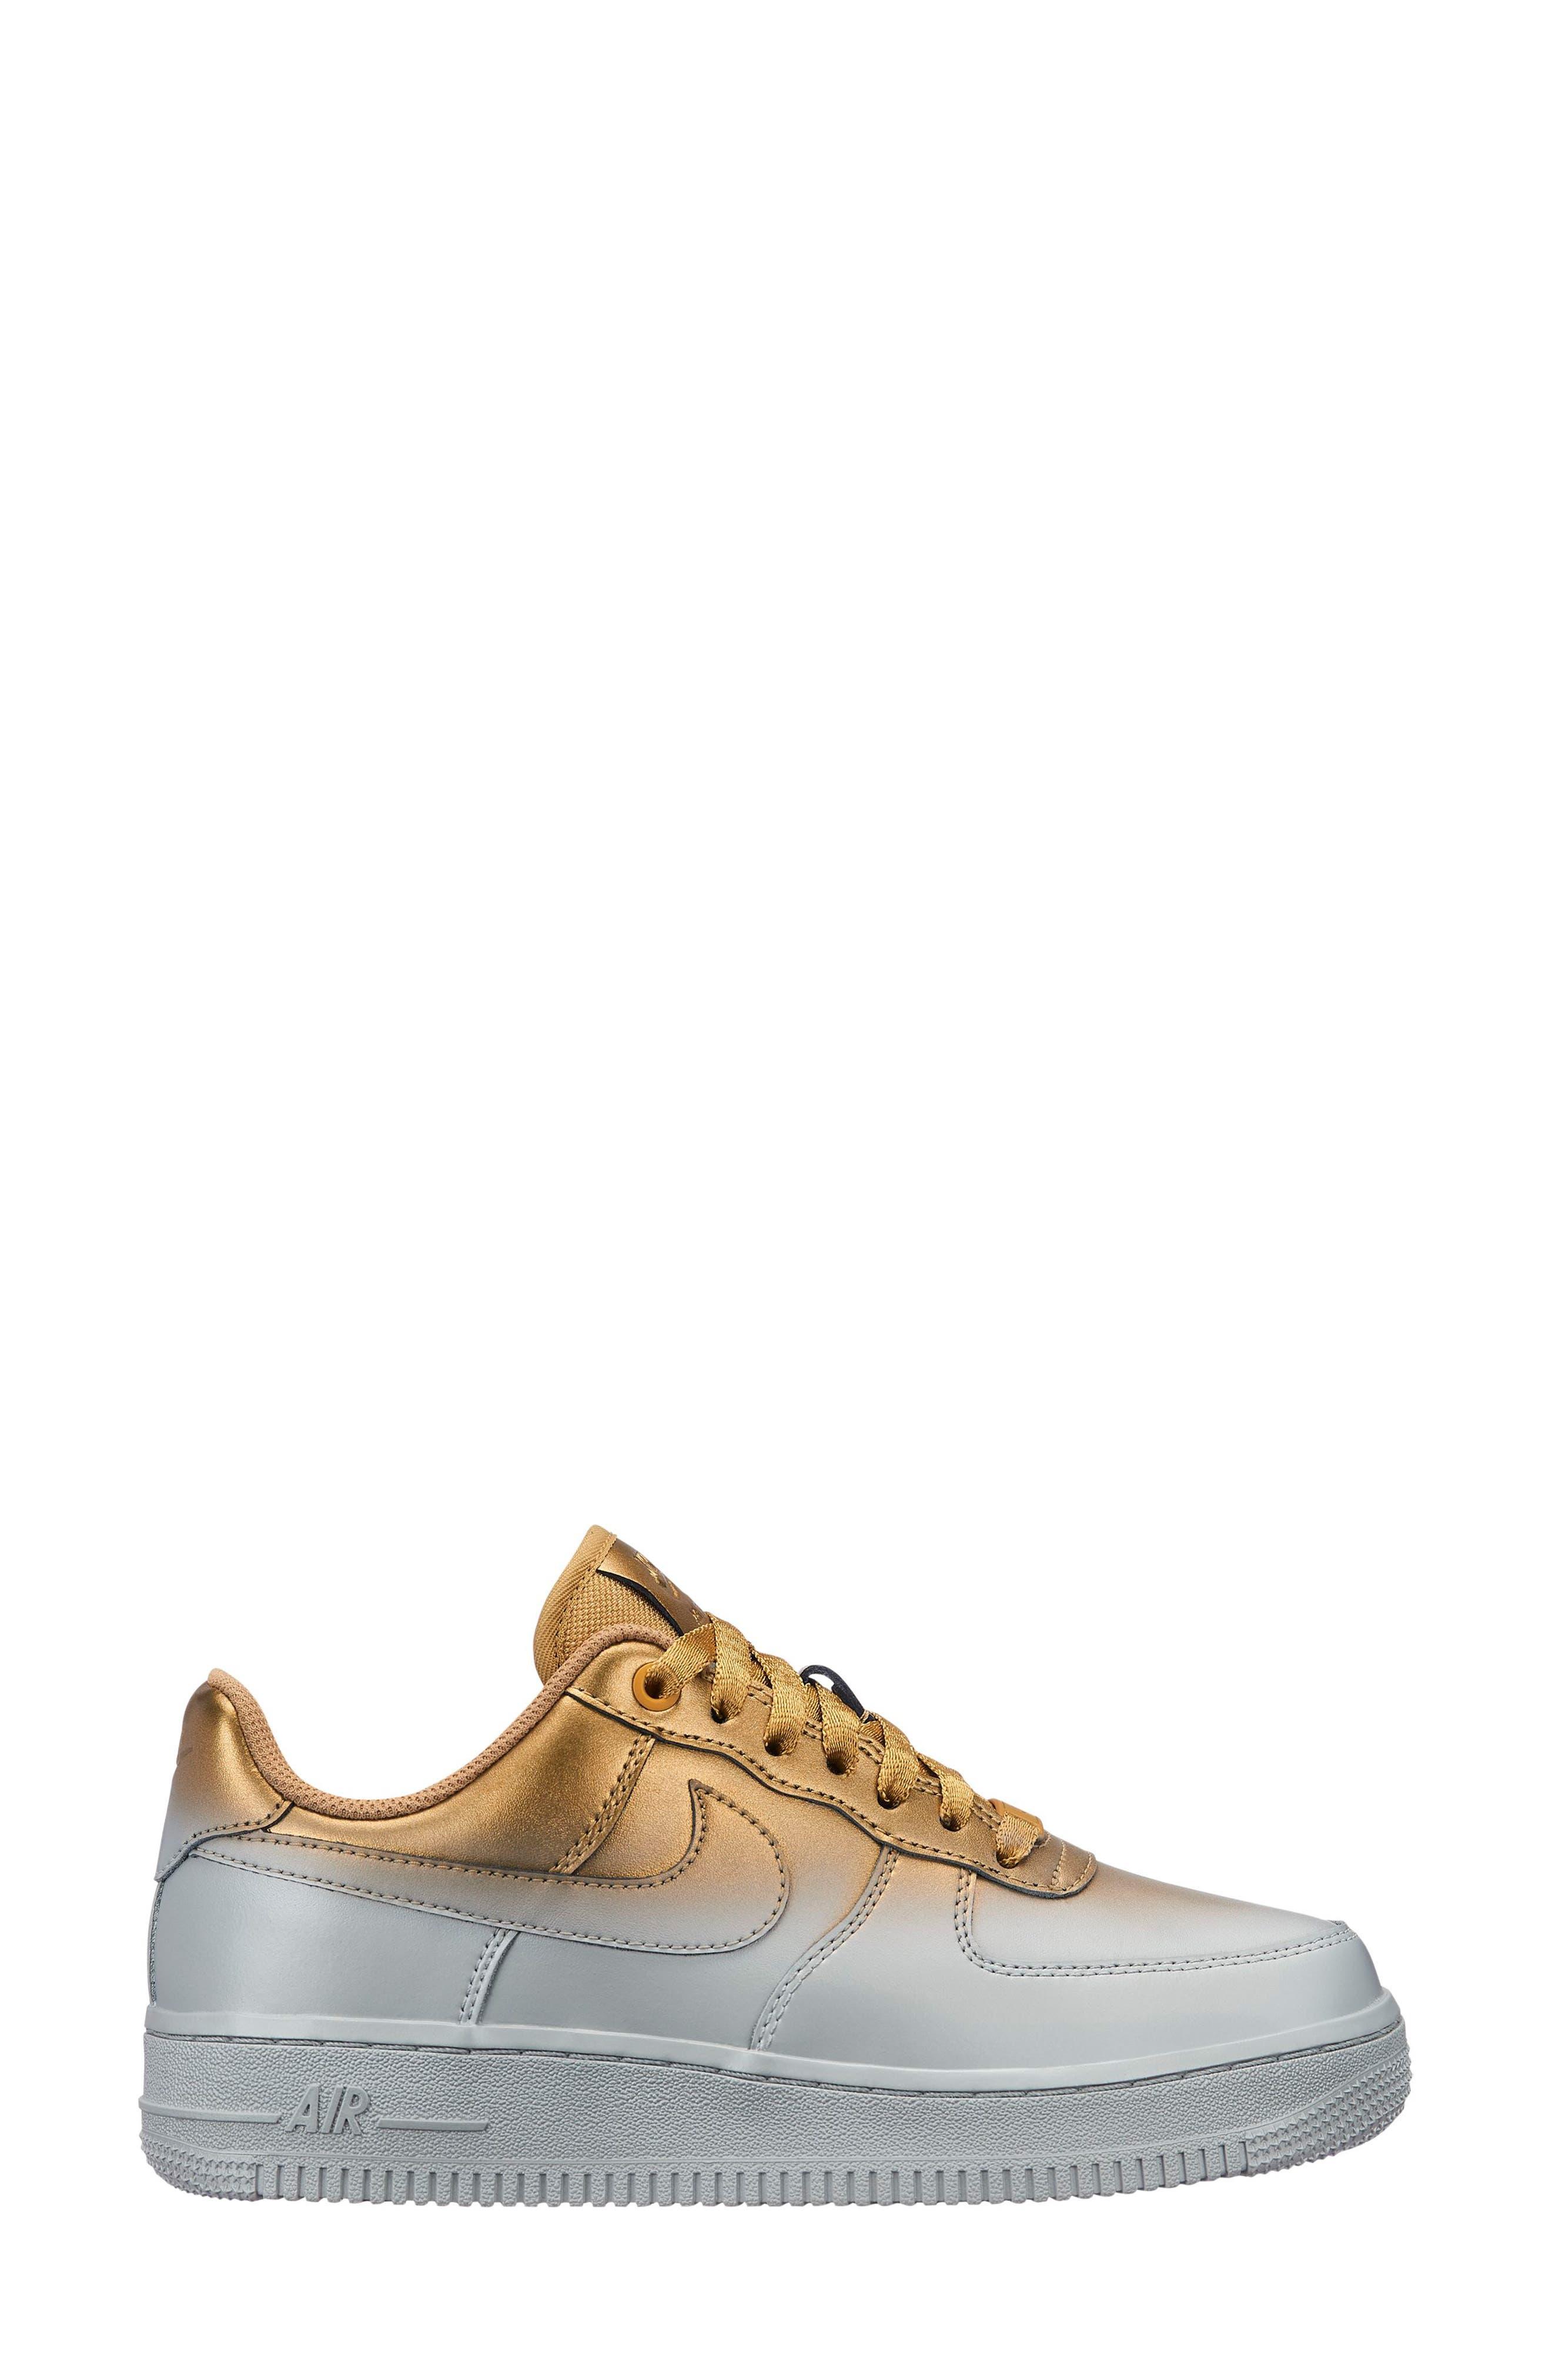 NIKE Air Force 1 '07 LX Sneaker, Main, color, METALLIC PLATINUM/ GOLD